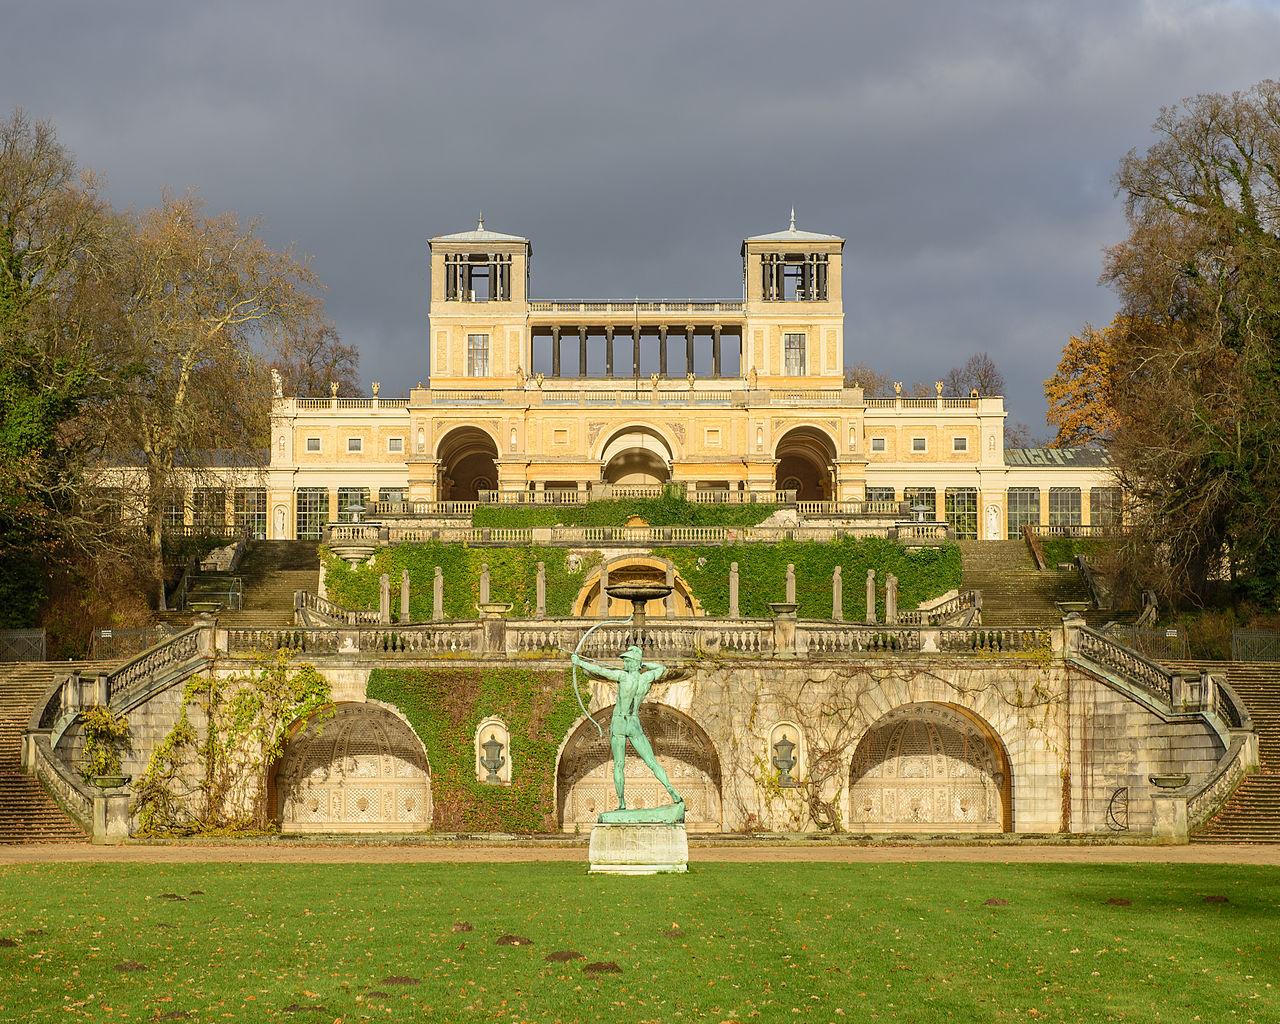 Bild Orangerieschloss Potsdam